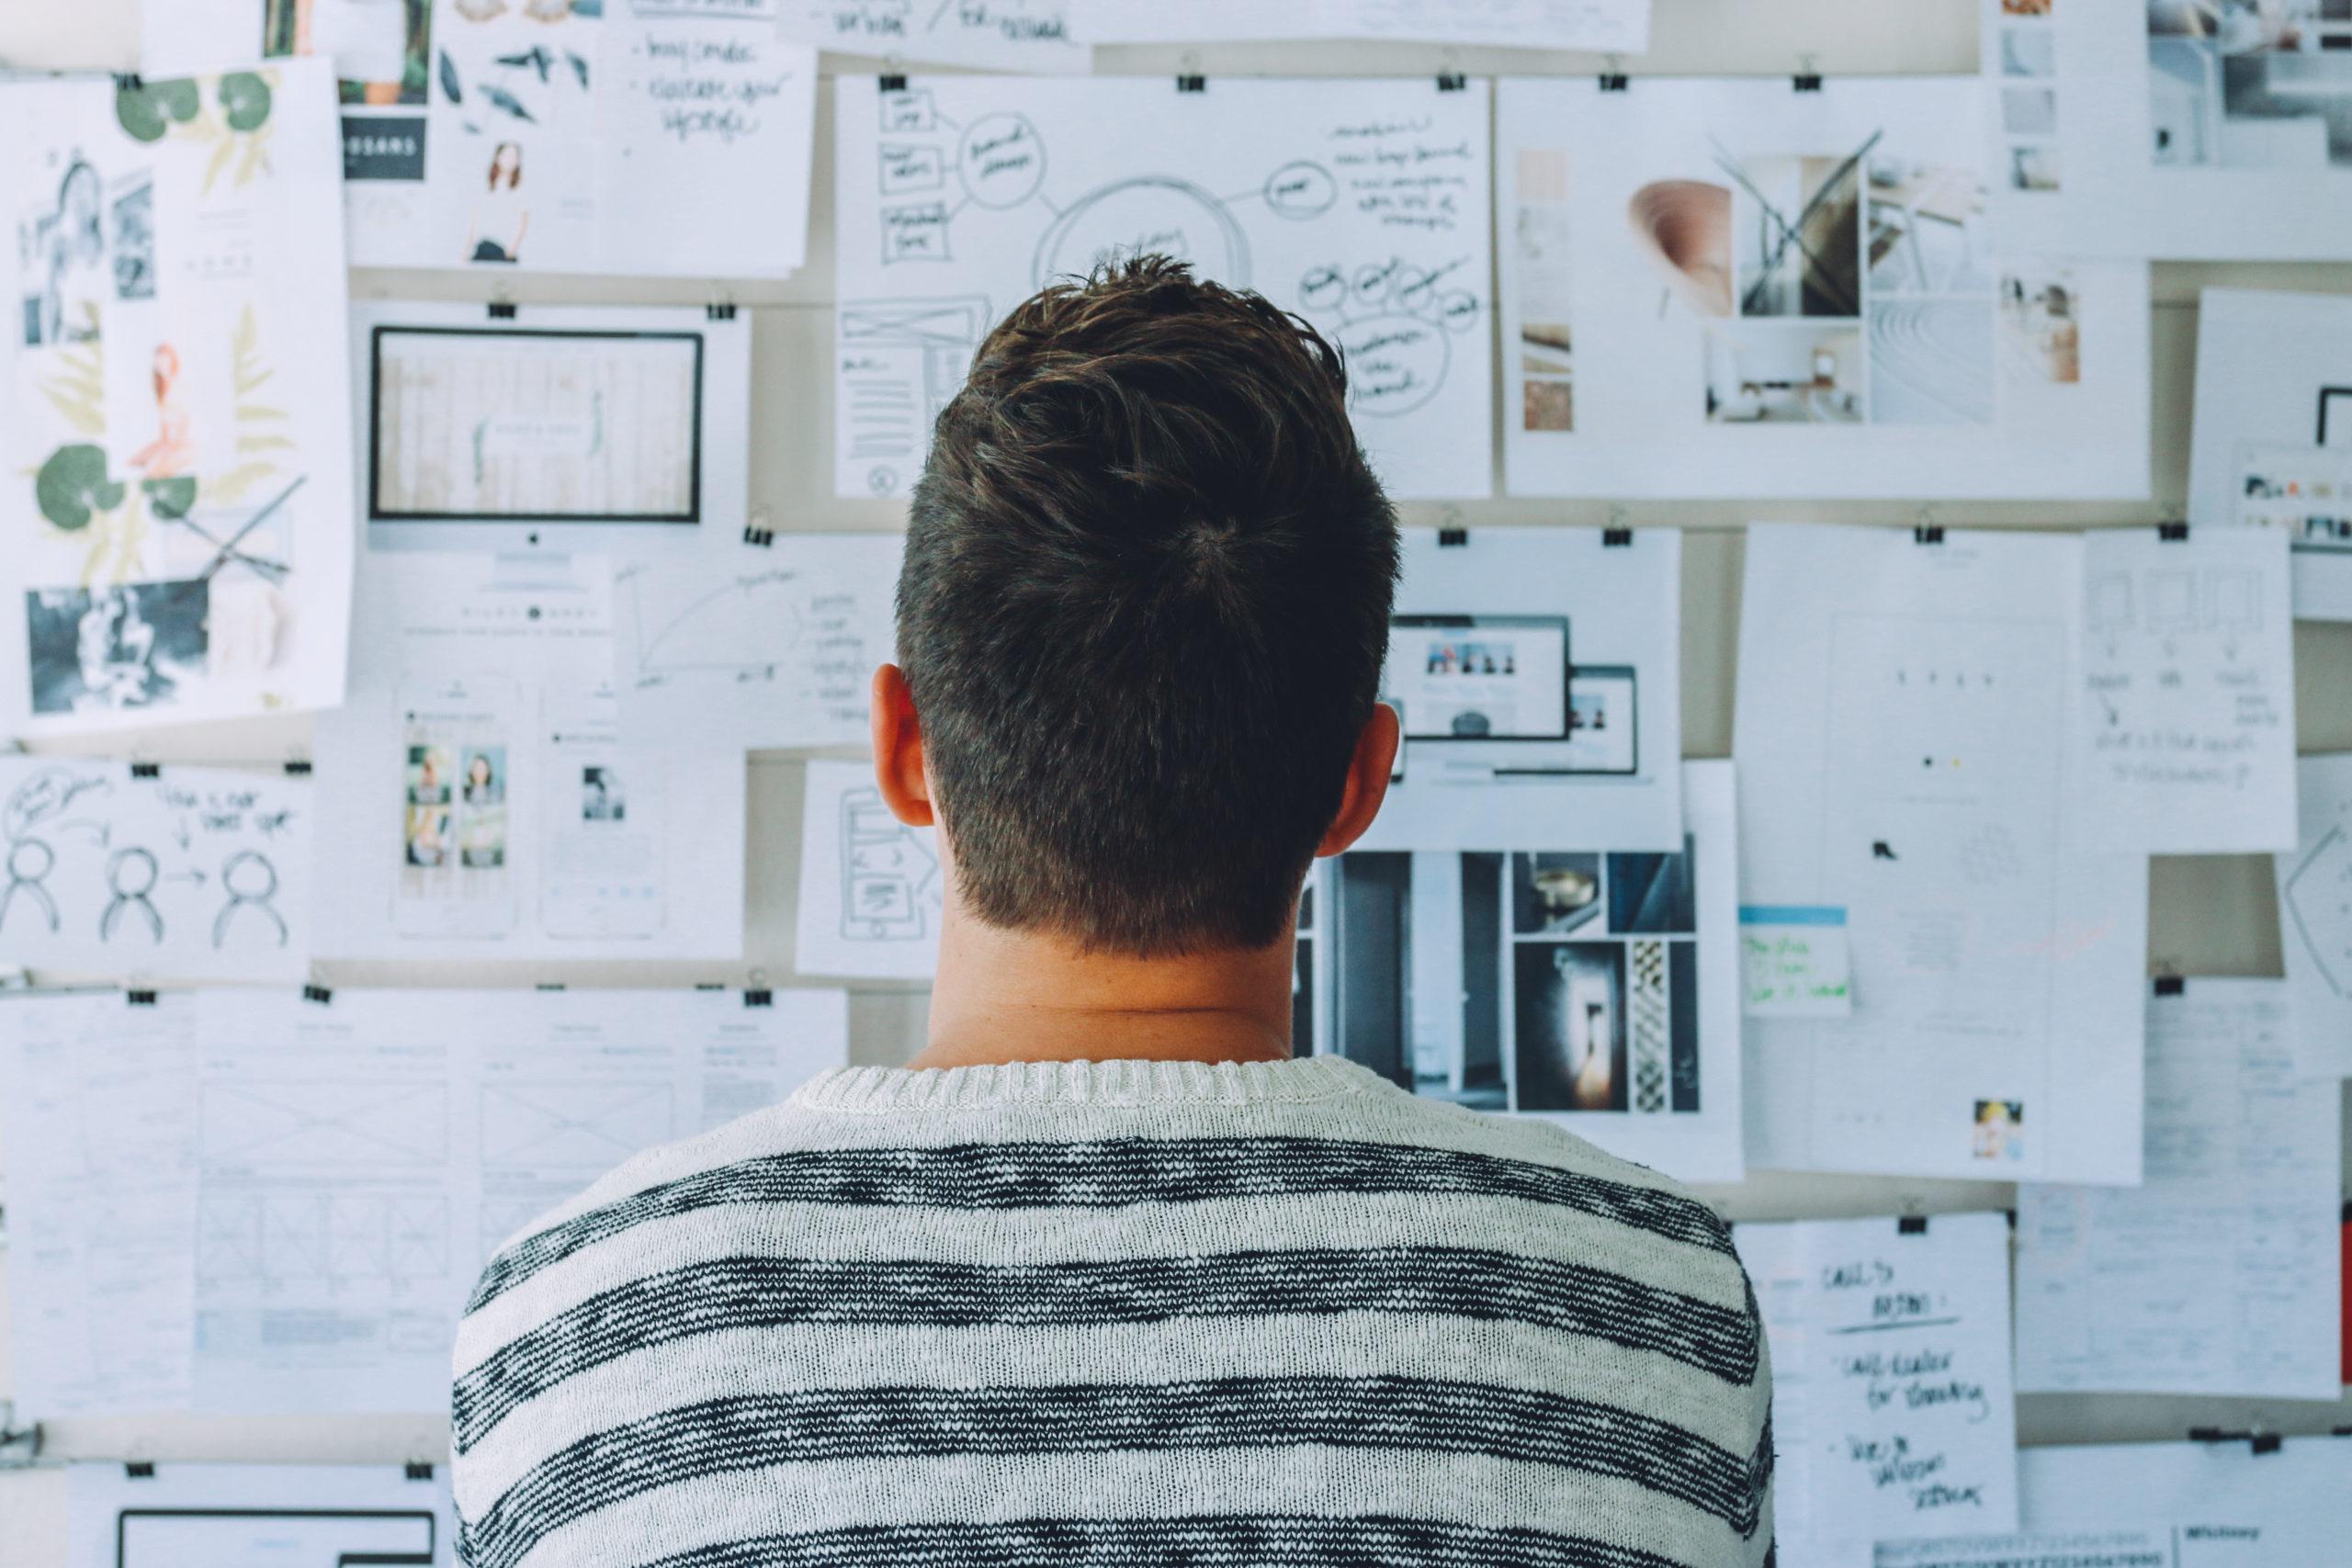 Realizza i tuoi progetti con il metodo della pianificazione finanziaria dei risparmi: ecco i 4 passi per iniziare